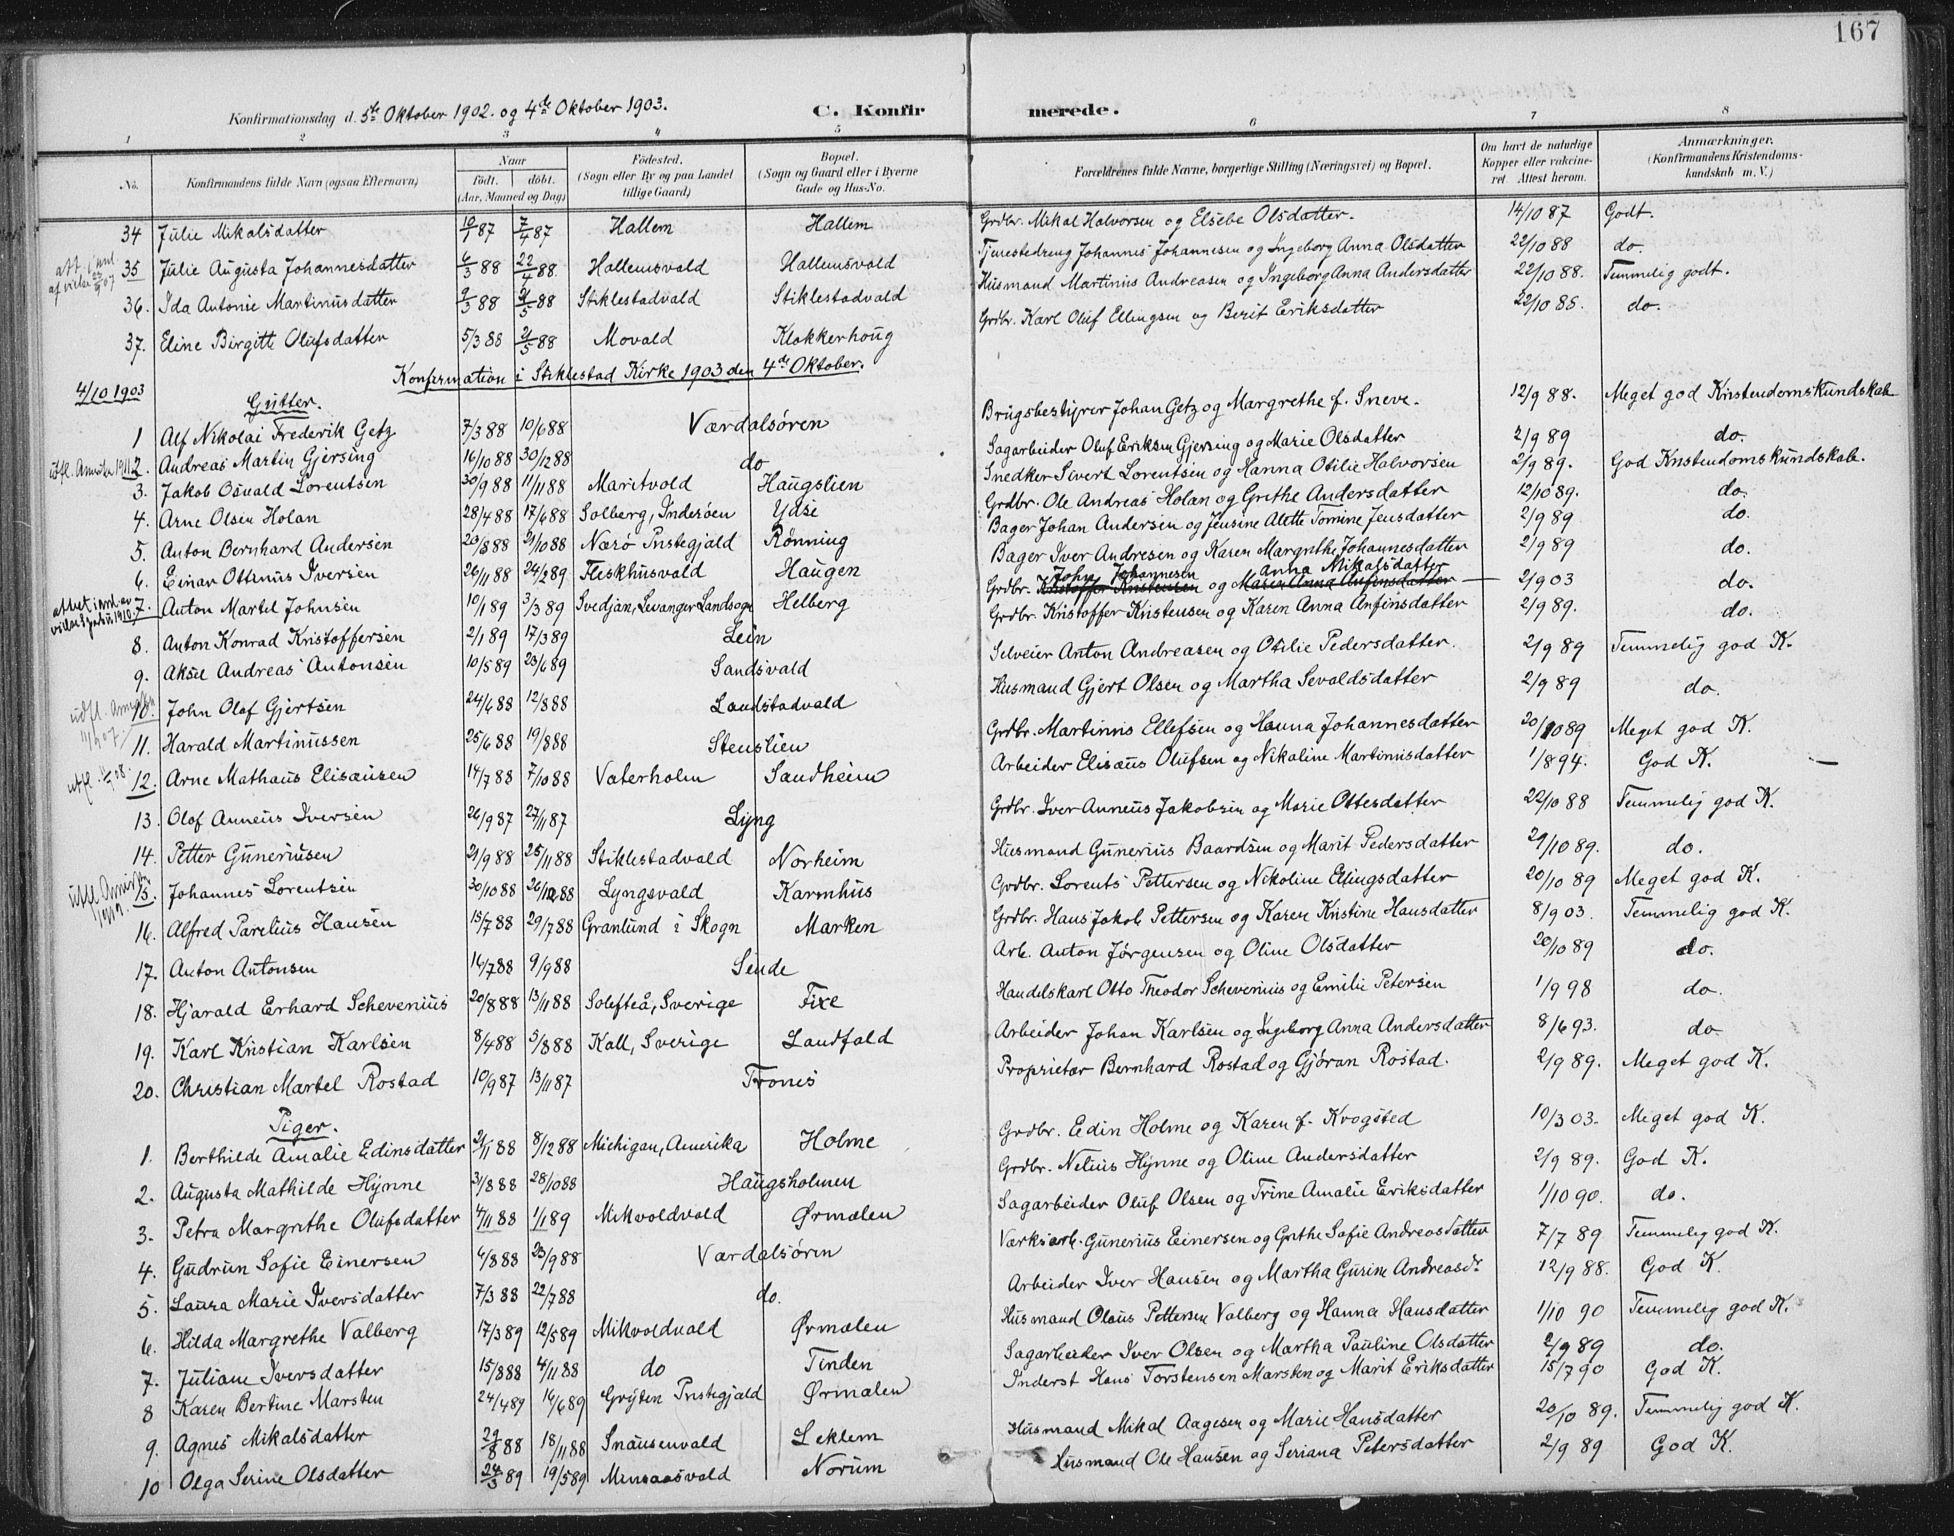 SAT, Ministerialprotokoller, klokkerbøker og fødselsregistre - Nord-Trøndelag, 723/L0246: Ministerialbok nr. 723A15, 1900-1917, s. 167